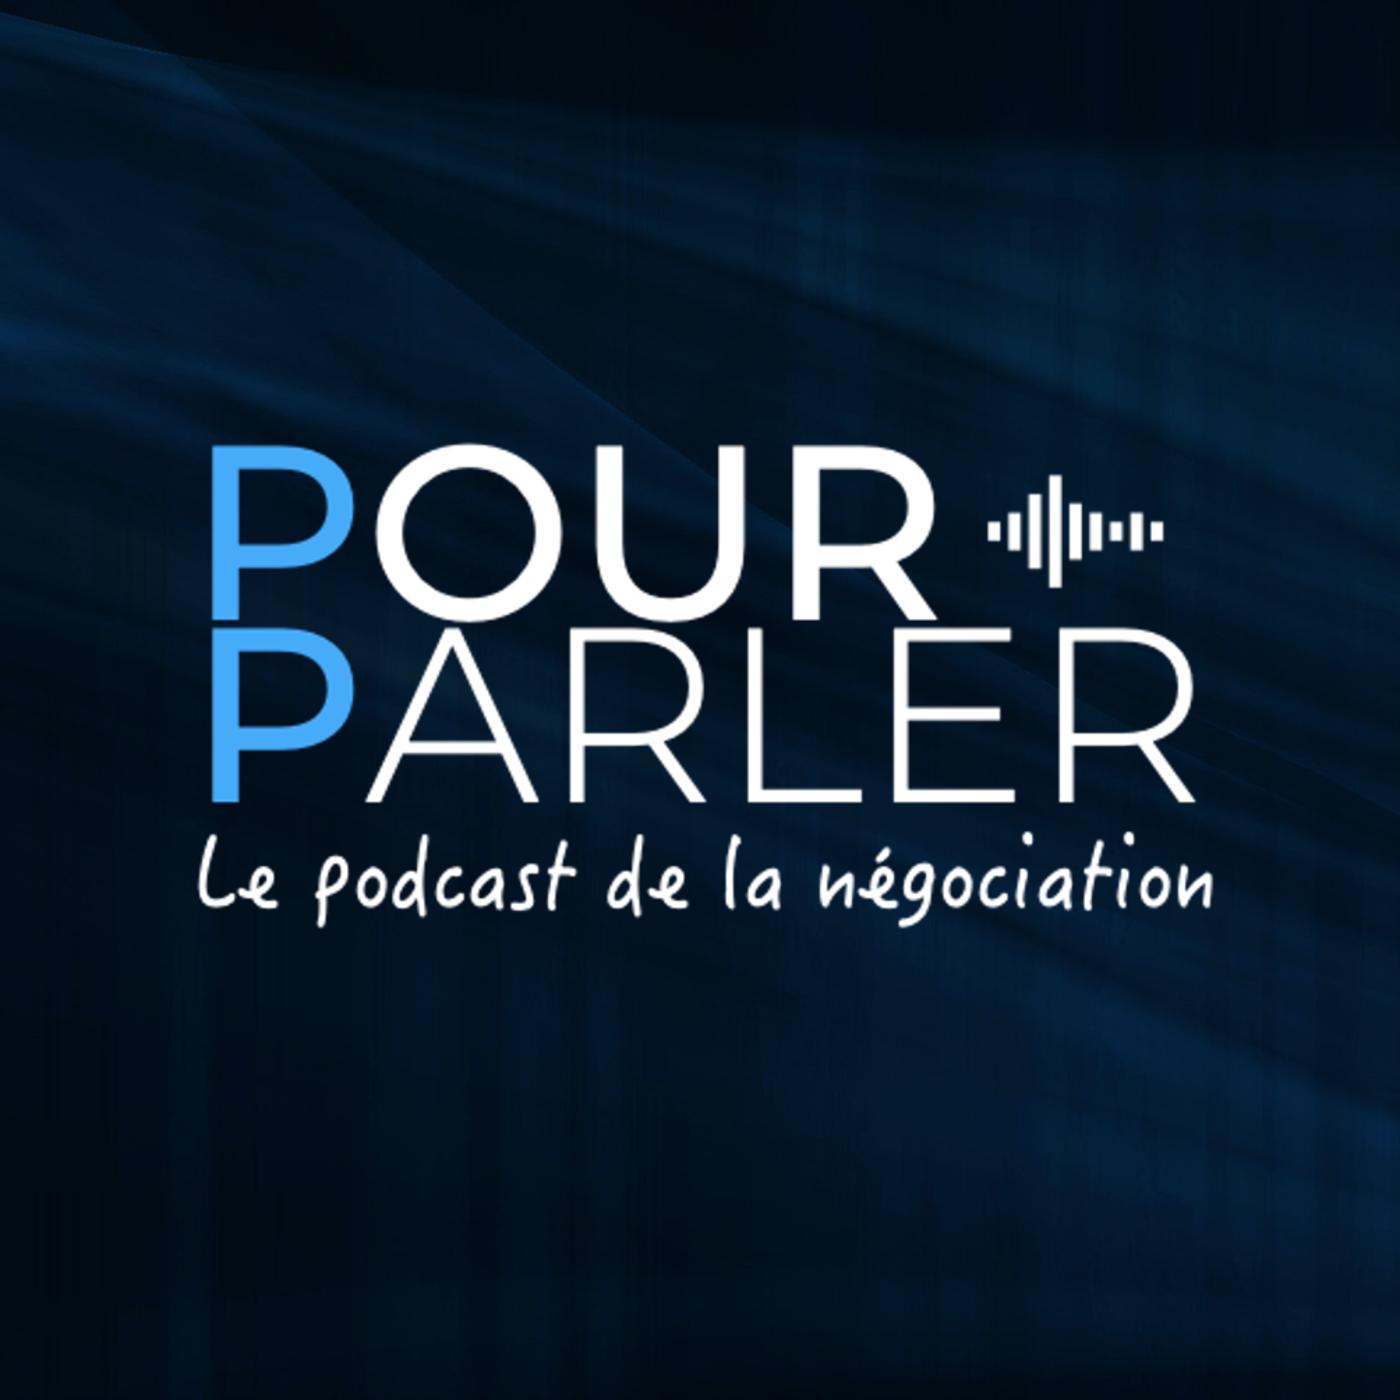 POURPARLER - Le podcast de la Négociation